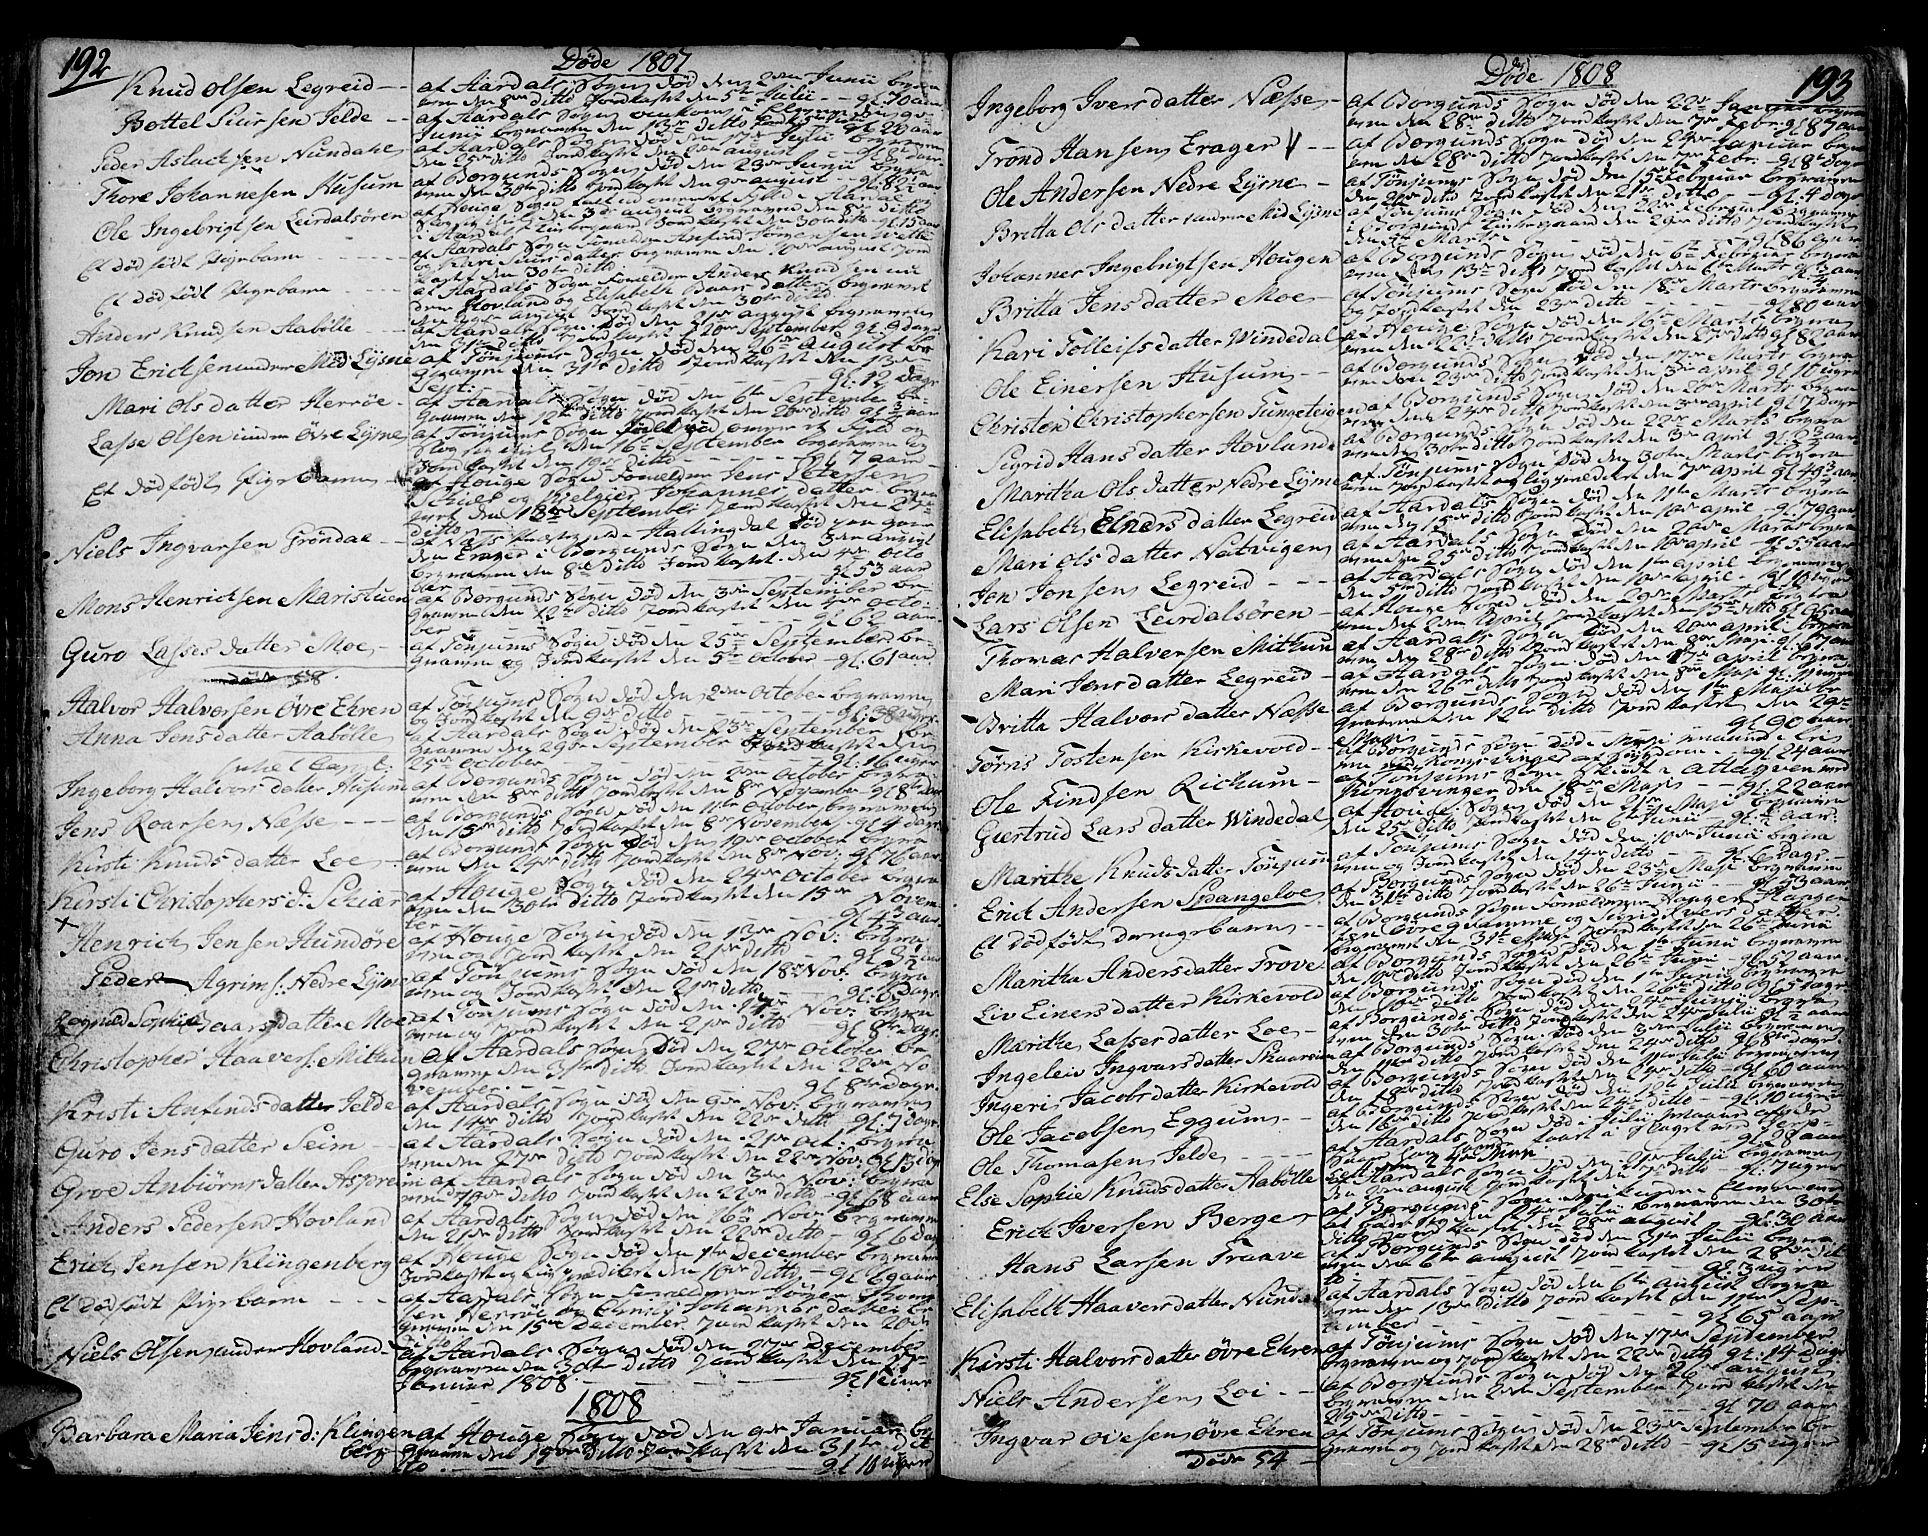 SAB, Lærdal sokneprestembete, Ministerialbok nr. A 4, 1805-1821, s. 192-193